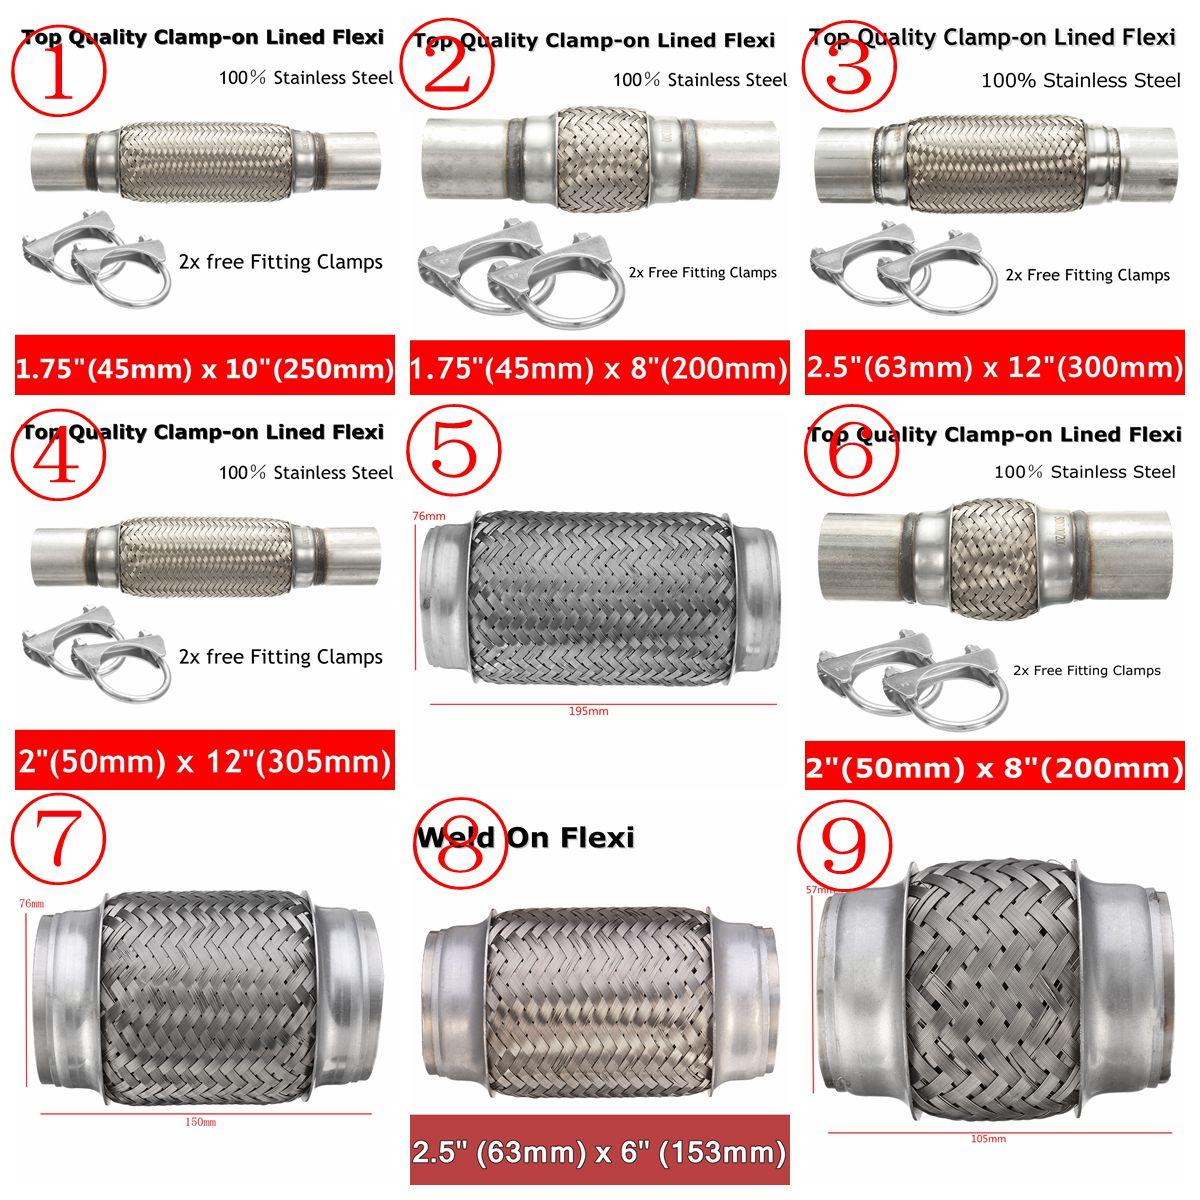 Złączka do rur wydechowych ze stali nierdzewnej naprawa Flexi rura Flexi 300x63 50mm 250x45mm 200x76 50 46mm 150x76 63mm 100 57mm